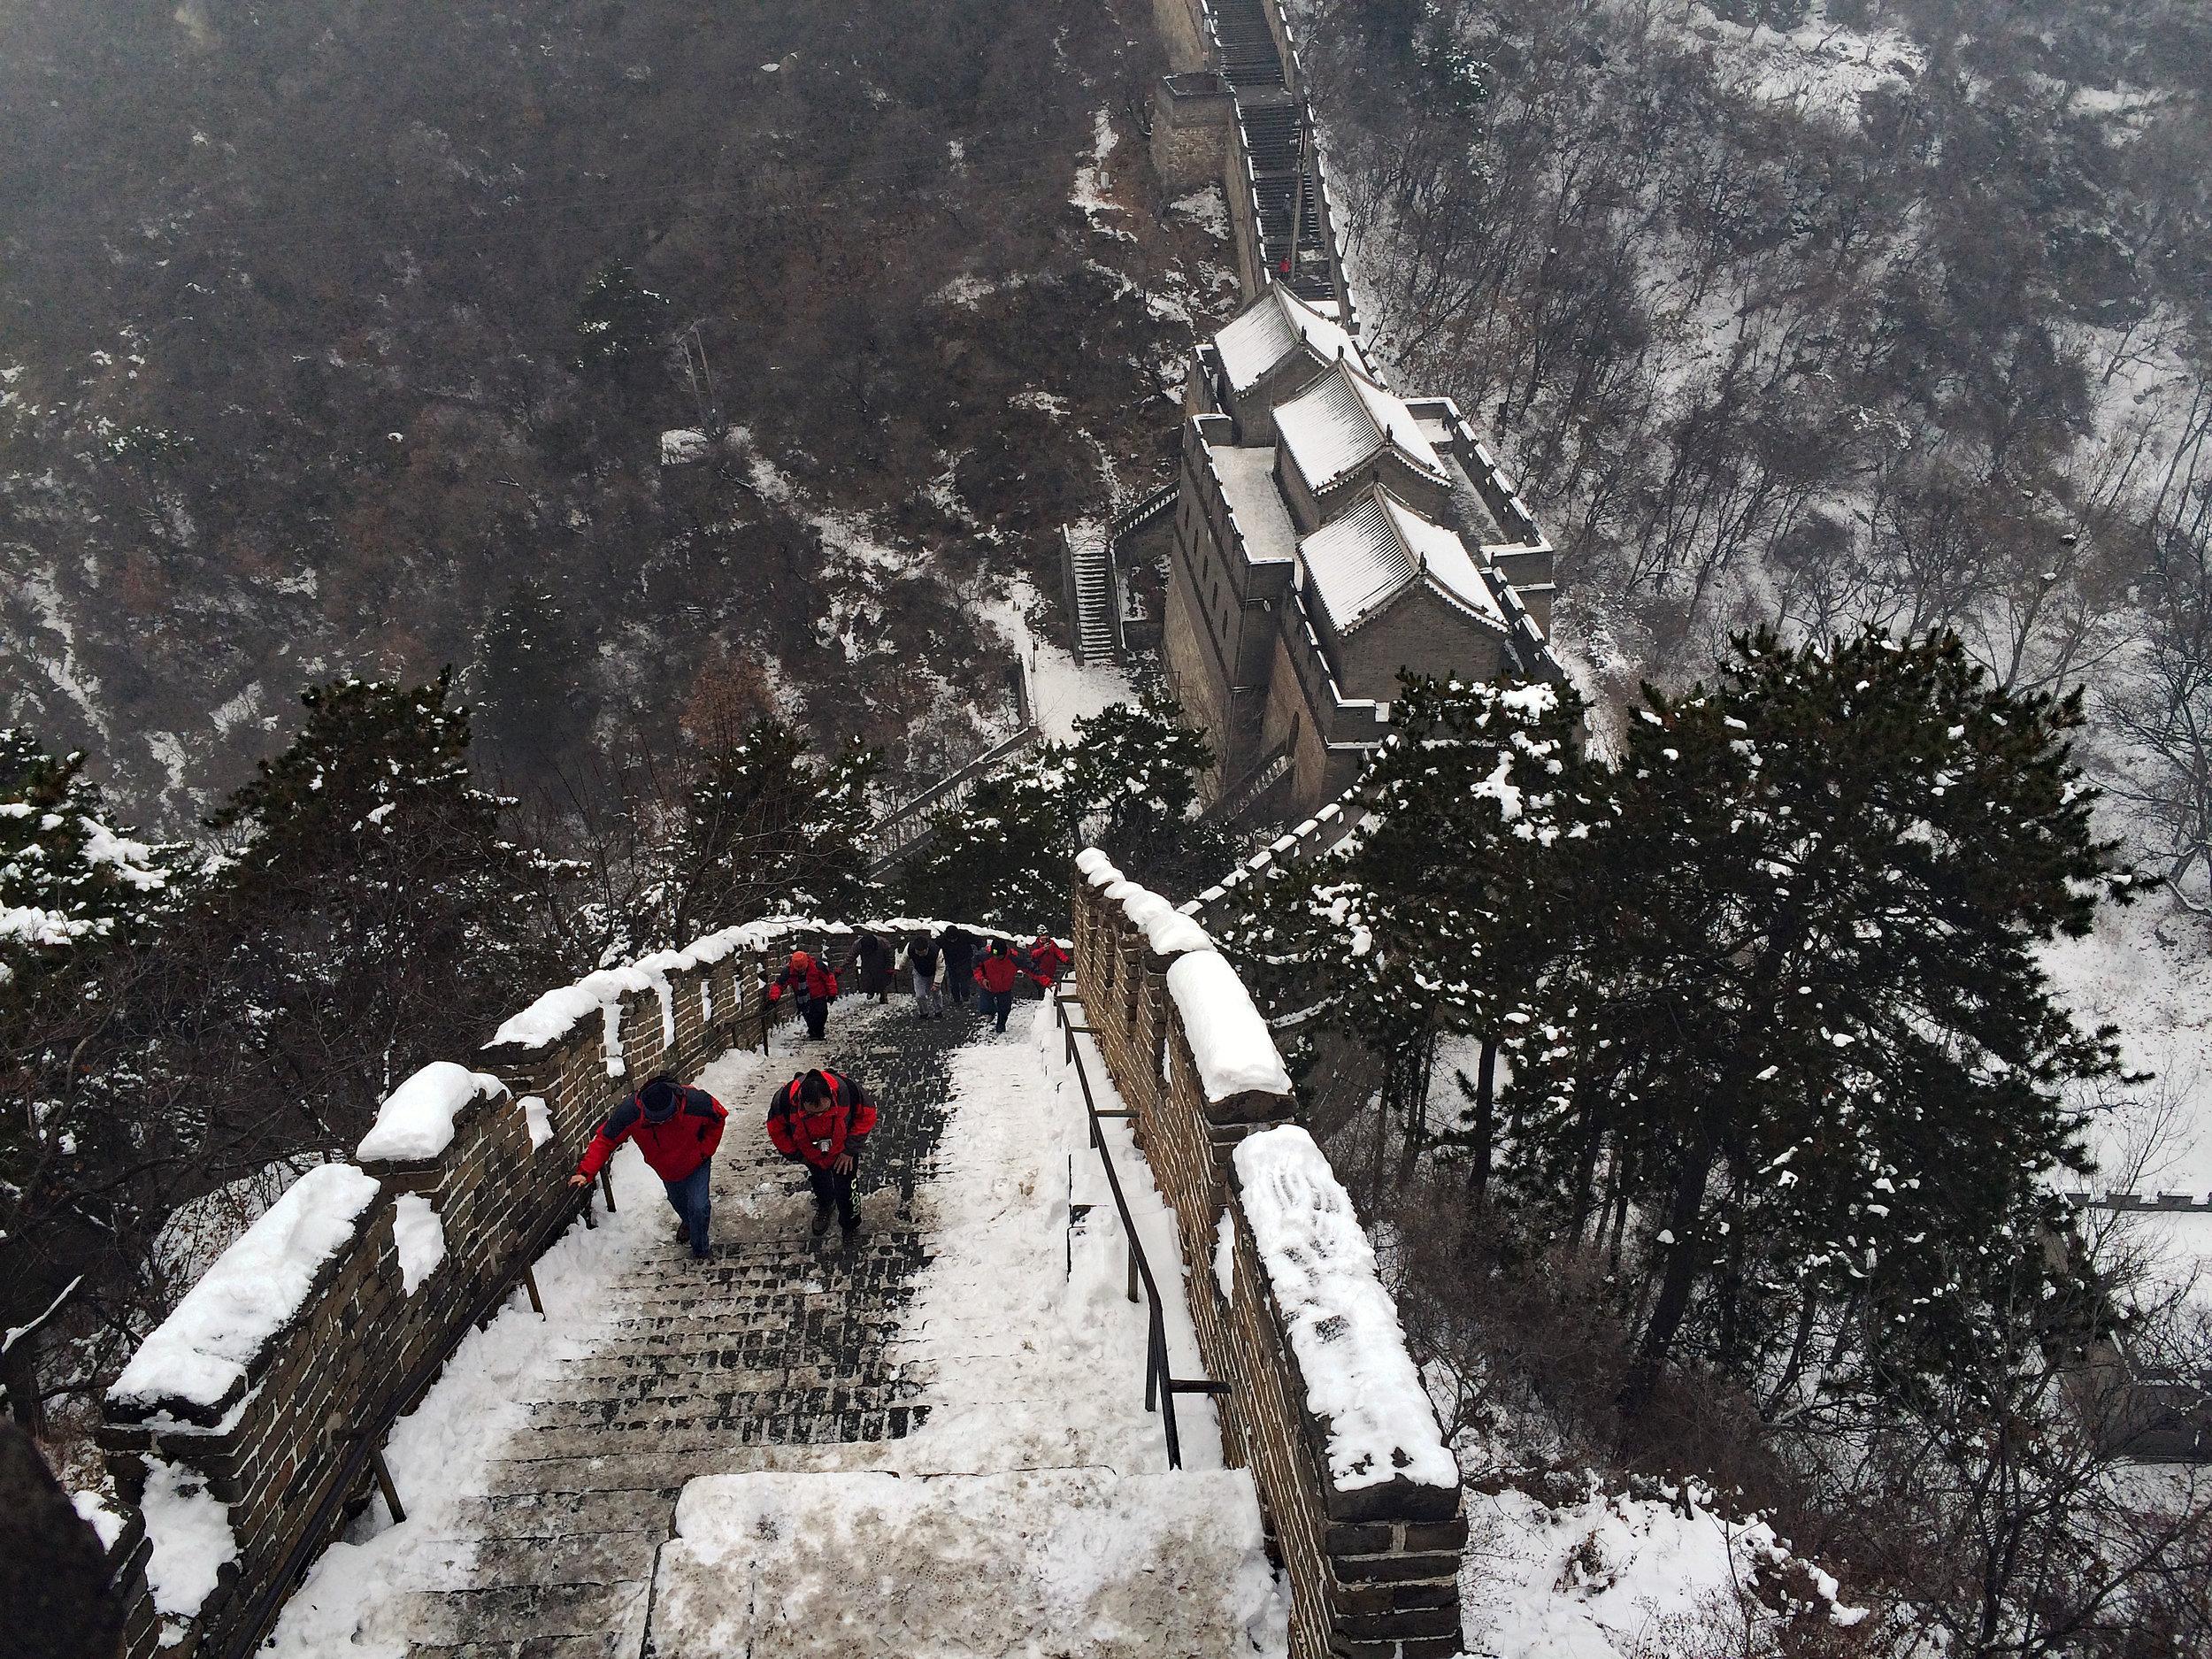 Great Wall of China (Mutianyu Section) CHINA